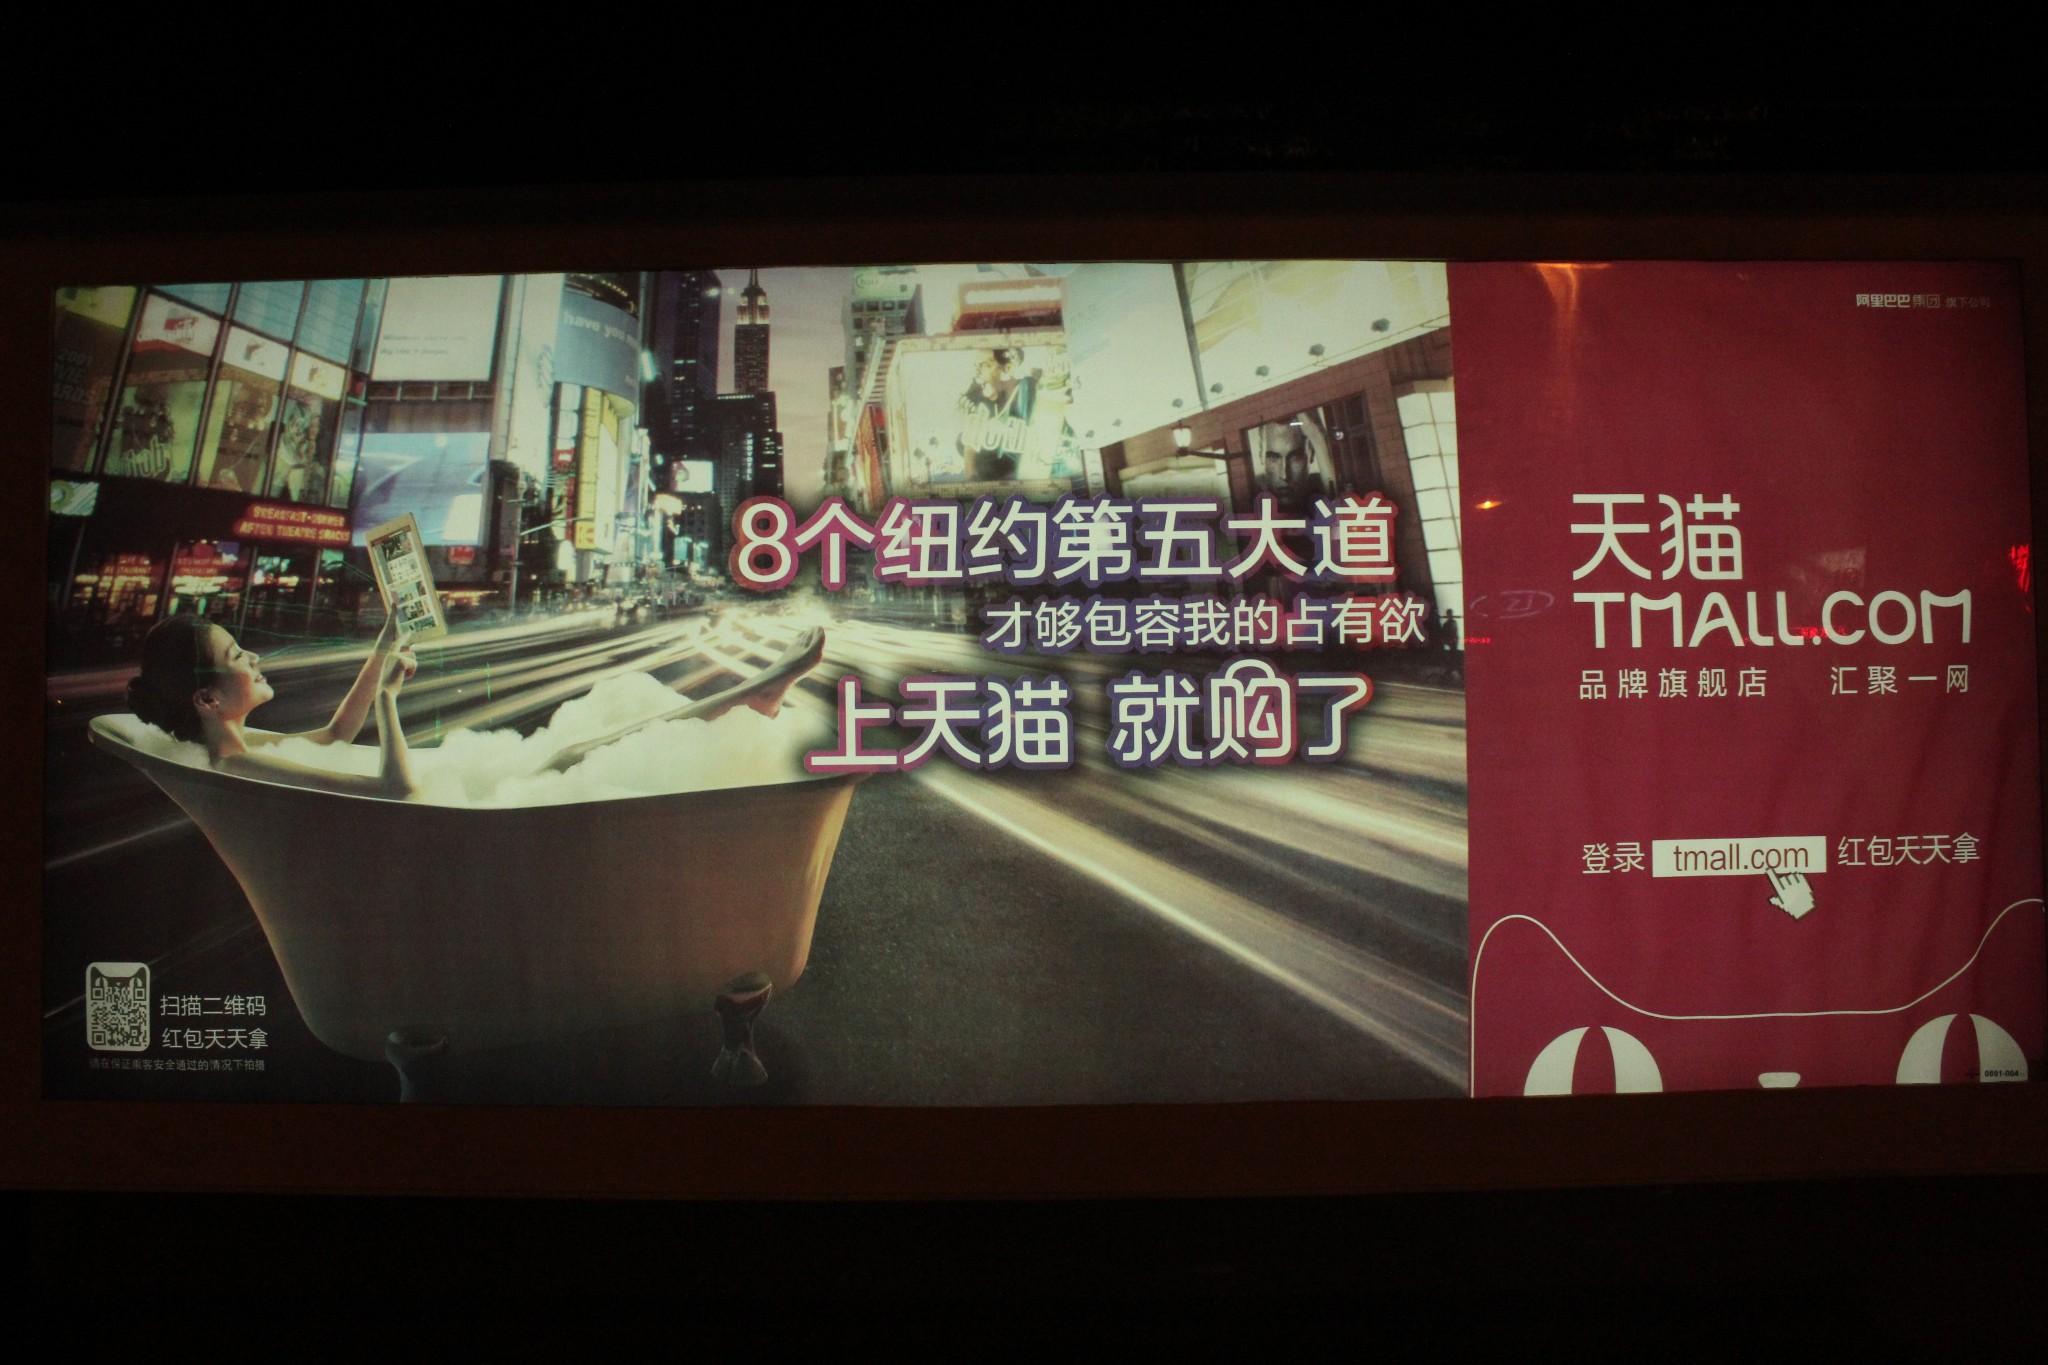 杭州公车站牌广告随手拍